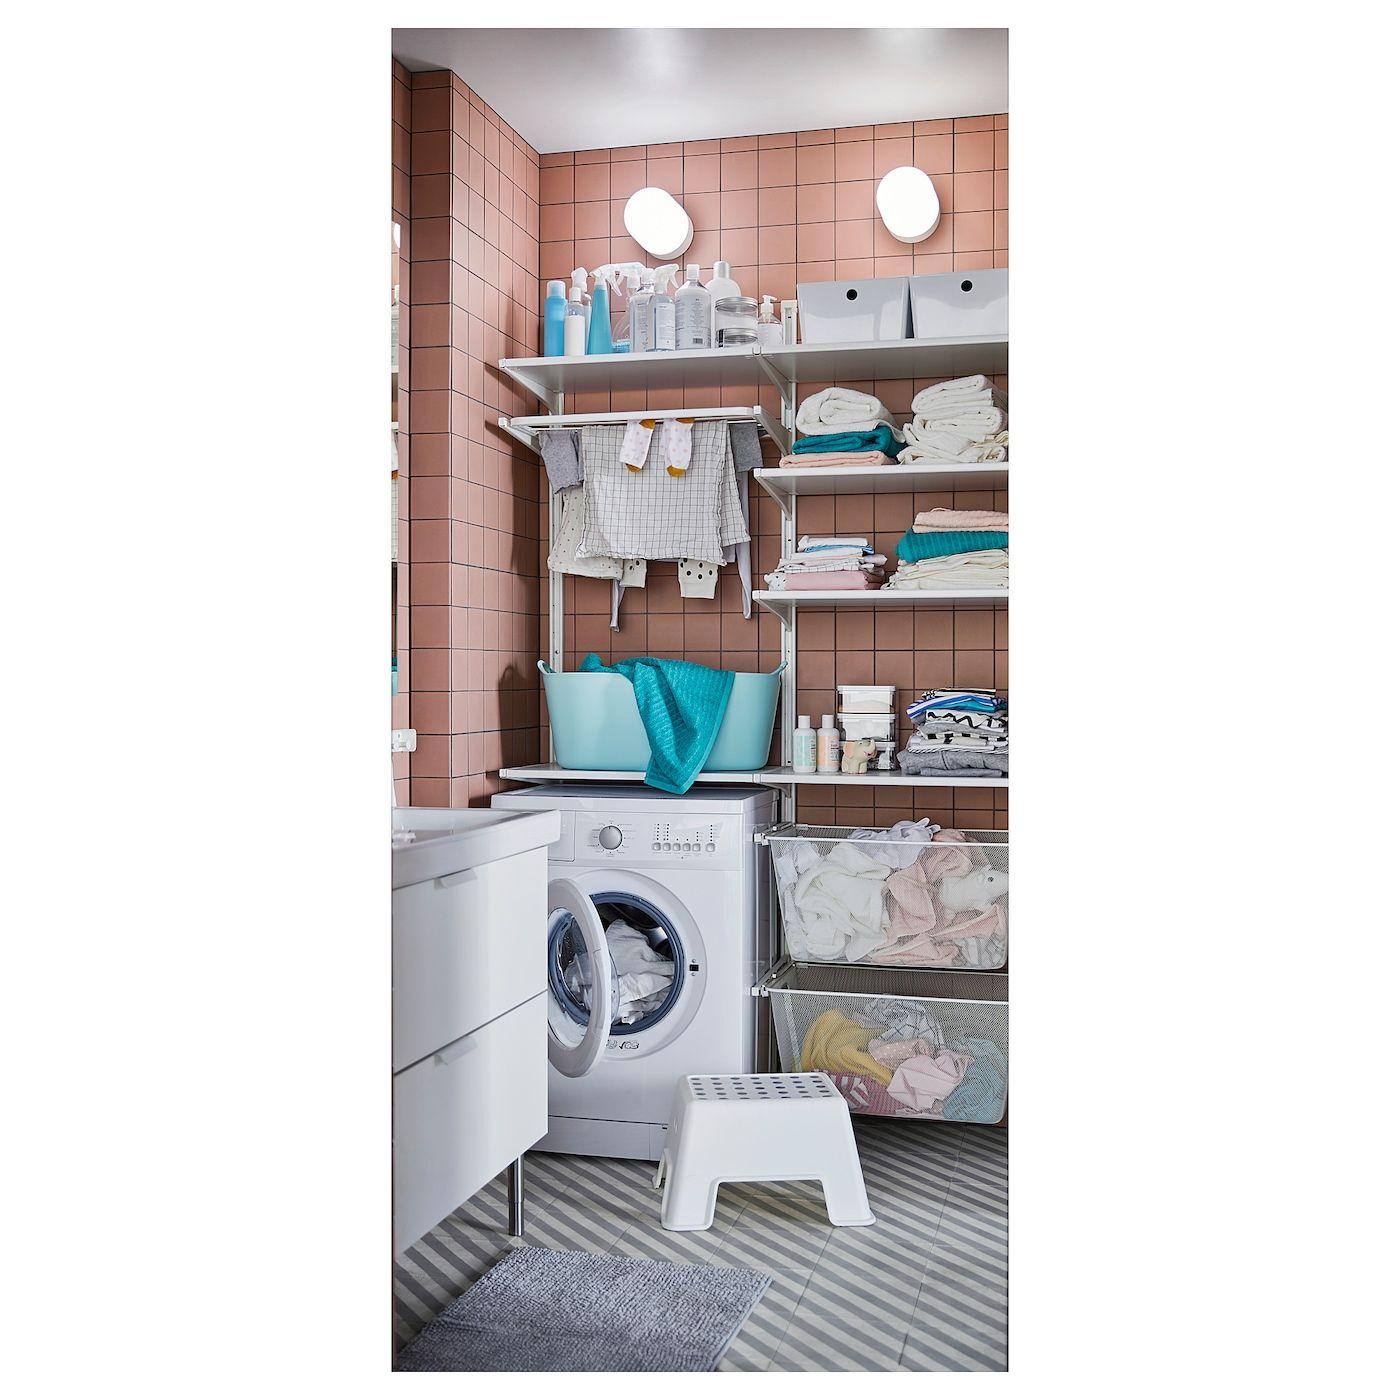 ALGOT WandschieneBöden Metall weiß IKEA | Wandschiene